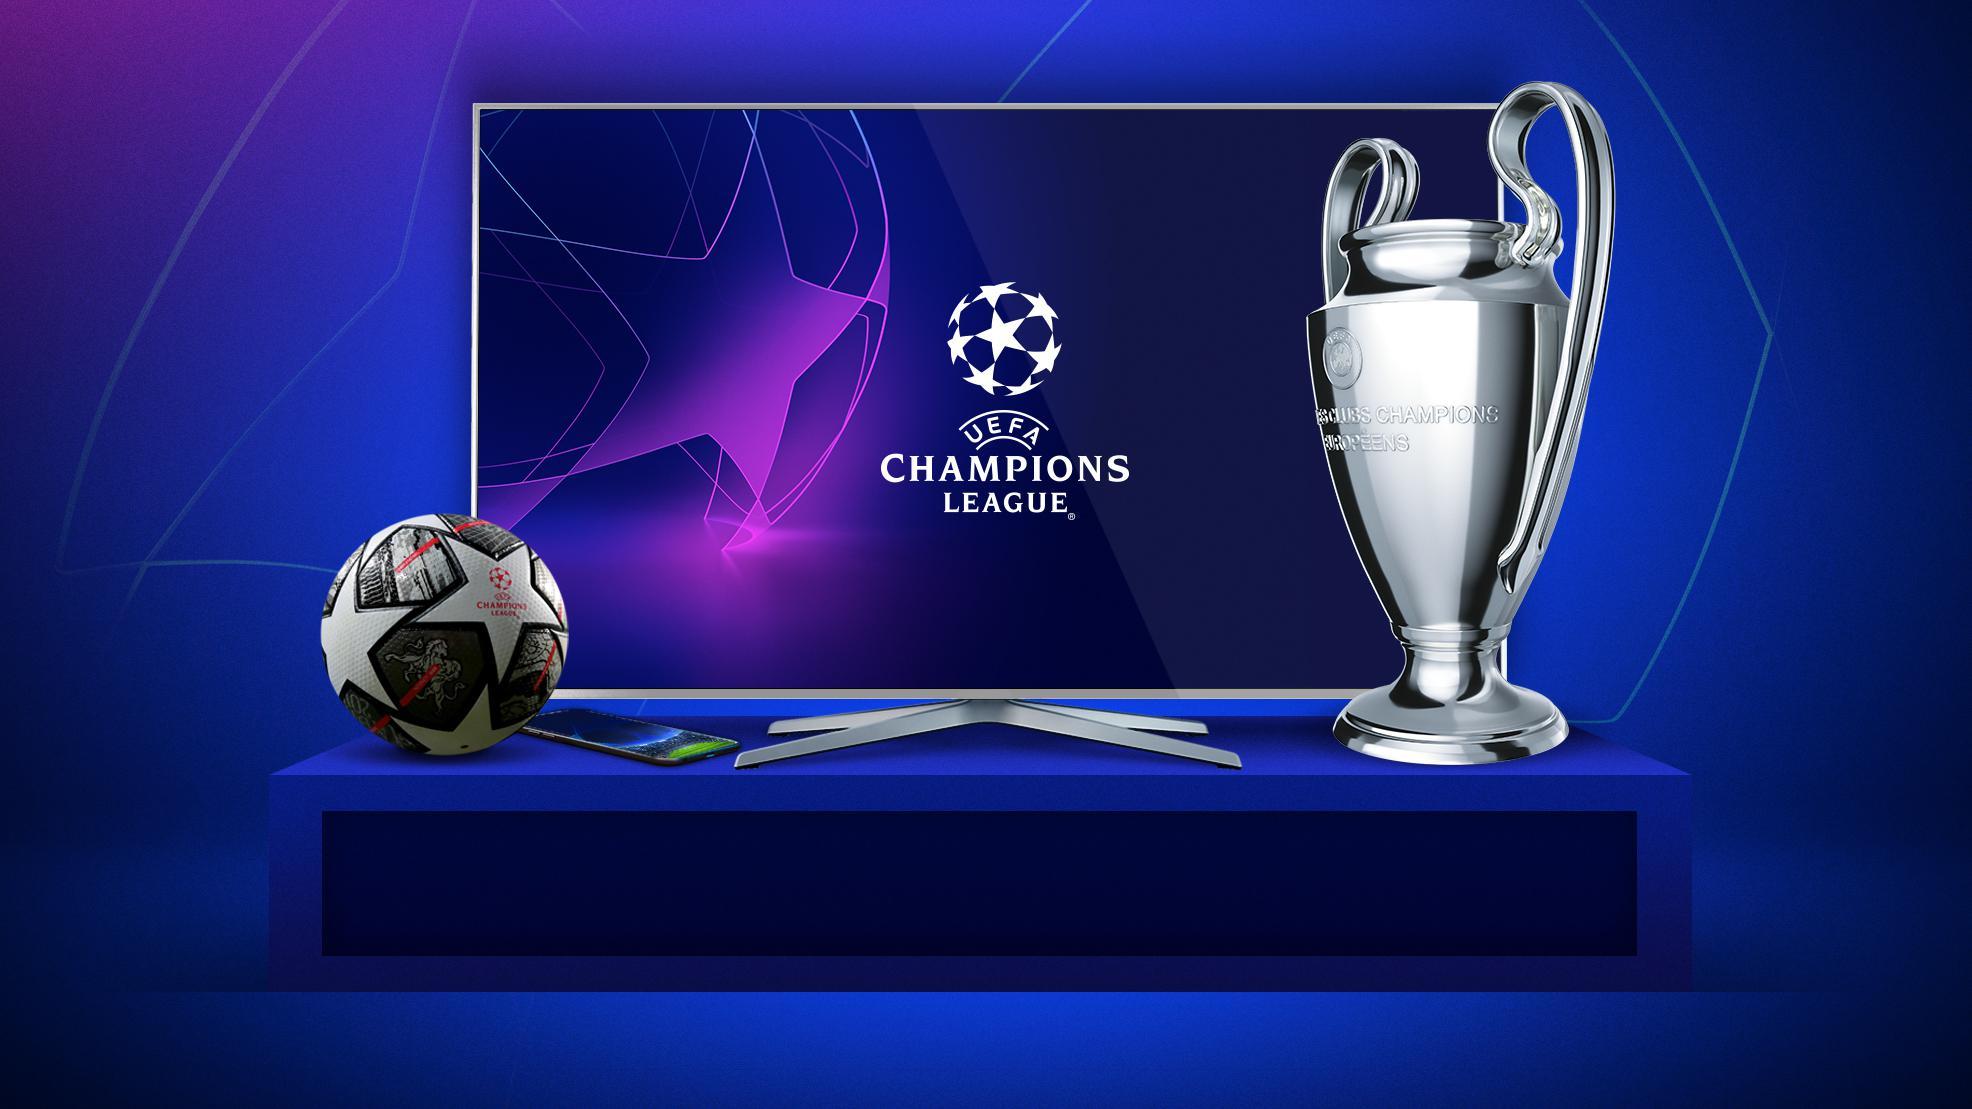 ¡Saquen la agenda!: Ya hay fechas para las Semifinales de Champions League